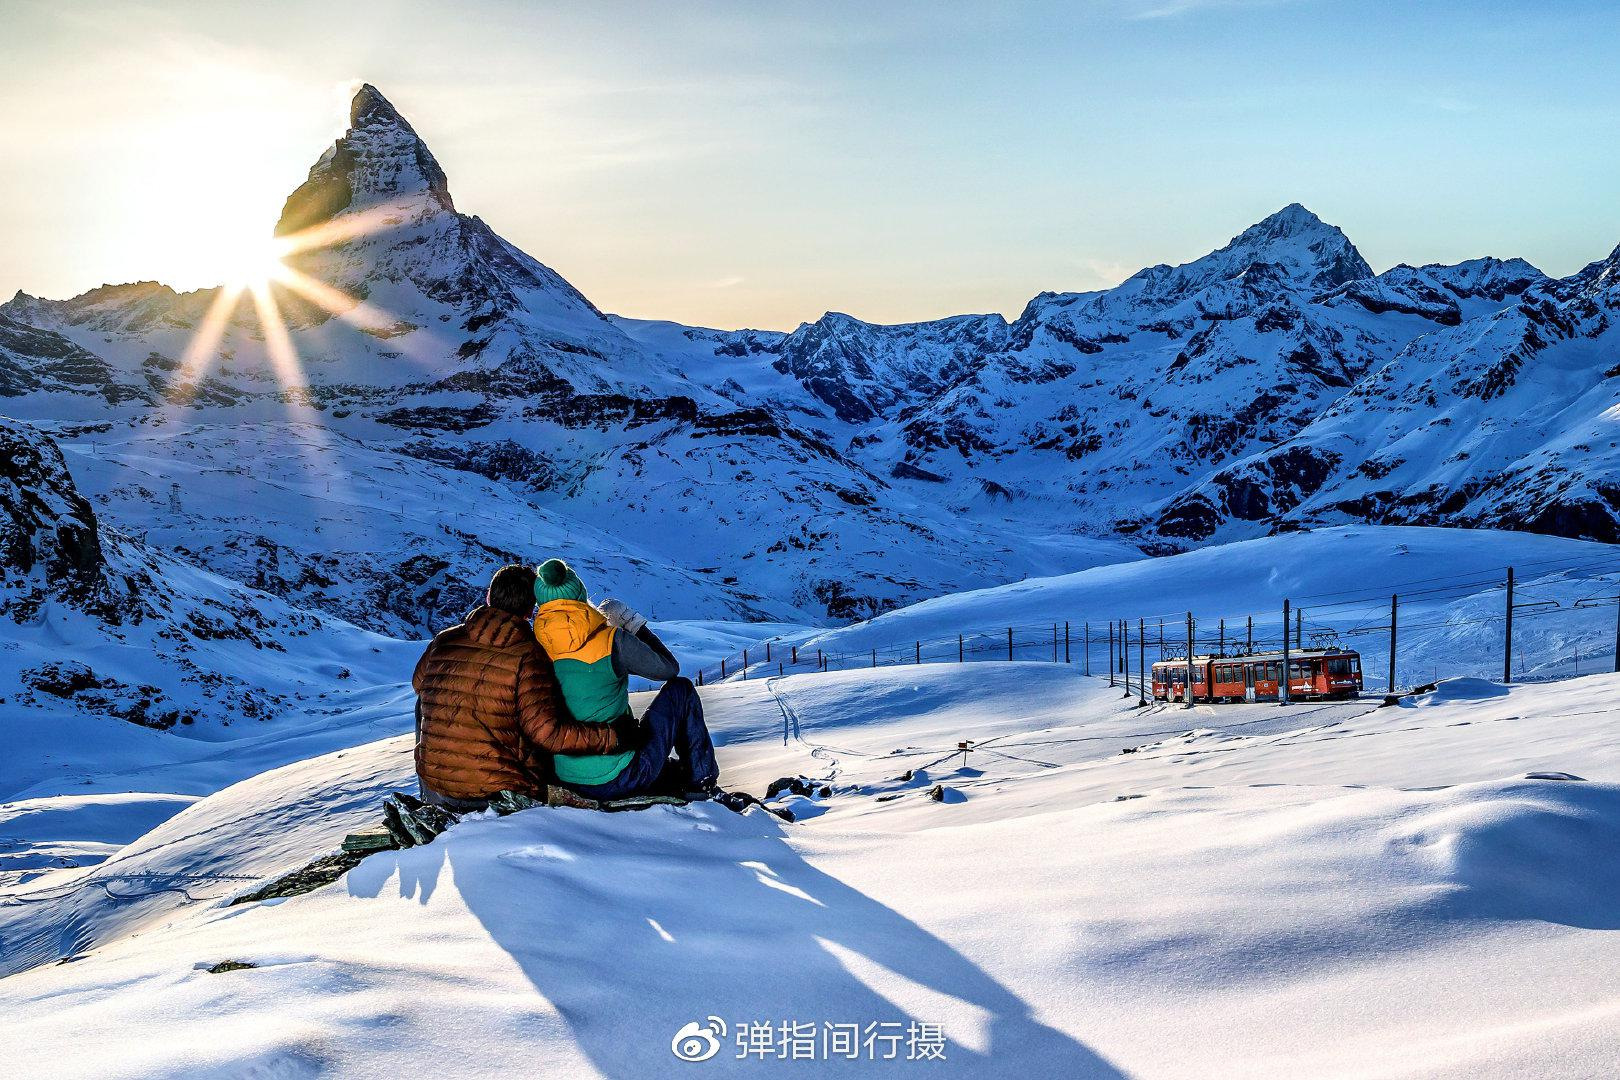 """瑞士最美雪山 不是著名的少女峰 而是这座低调的""""欧洲山王"""""""